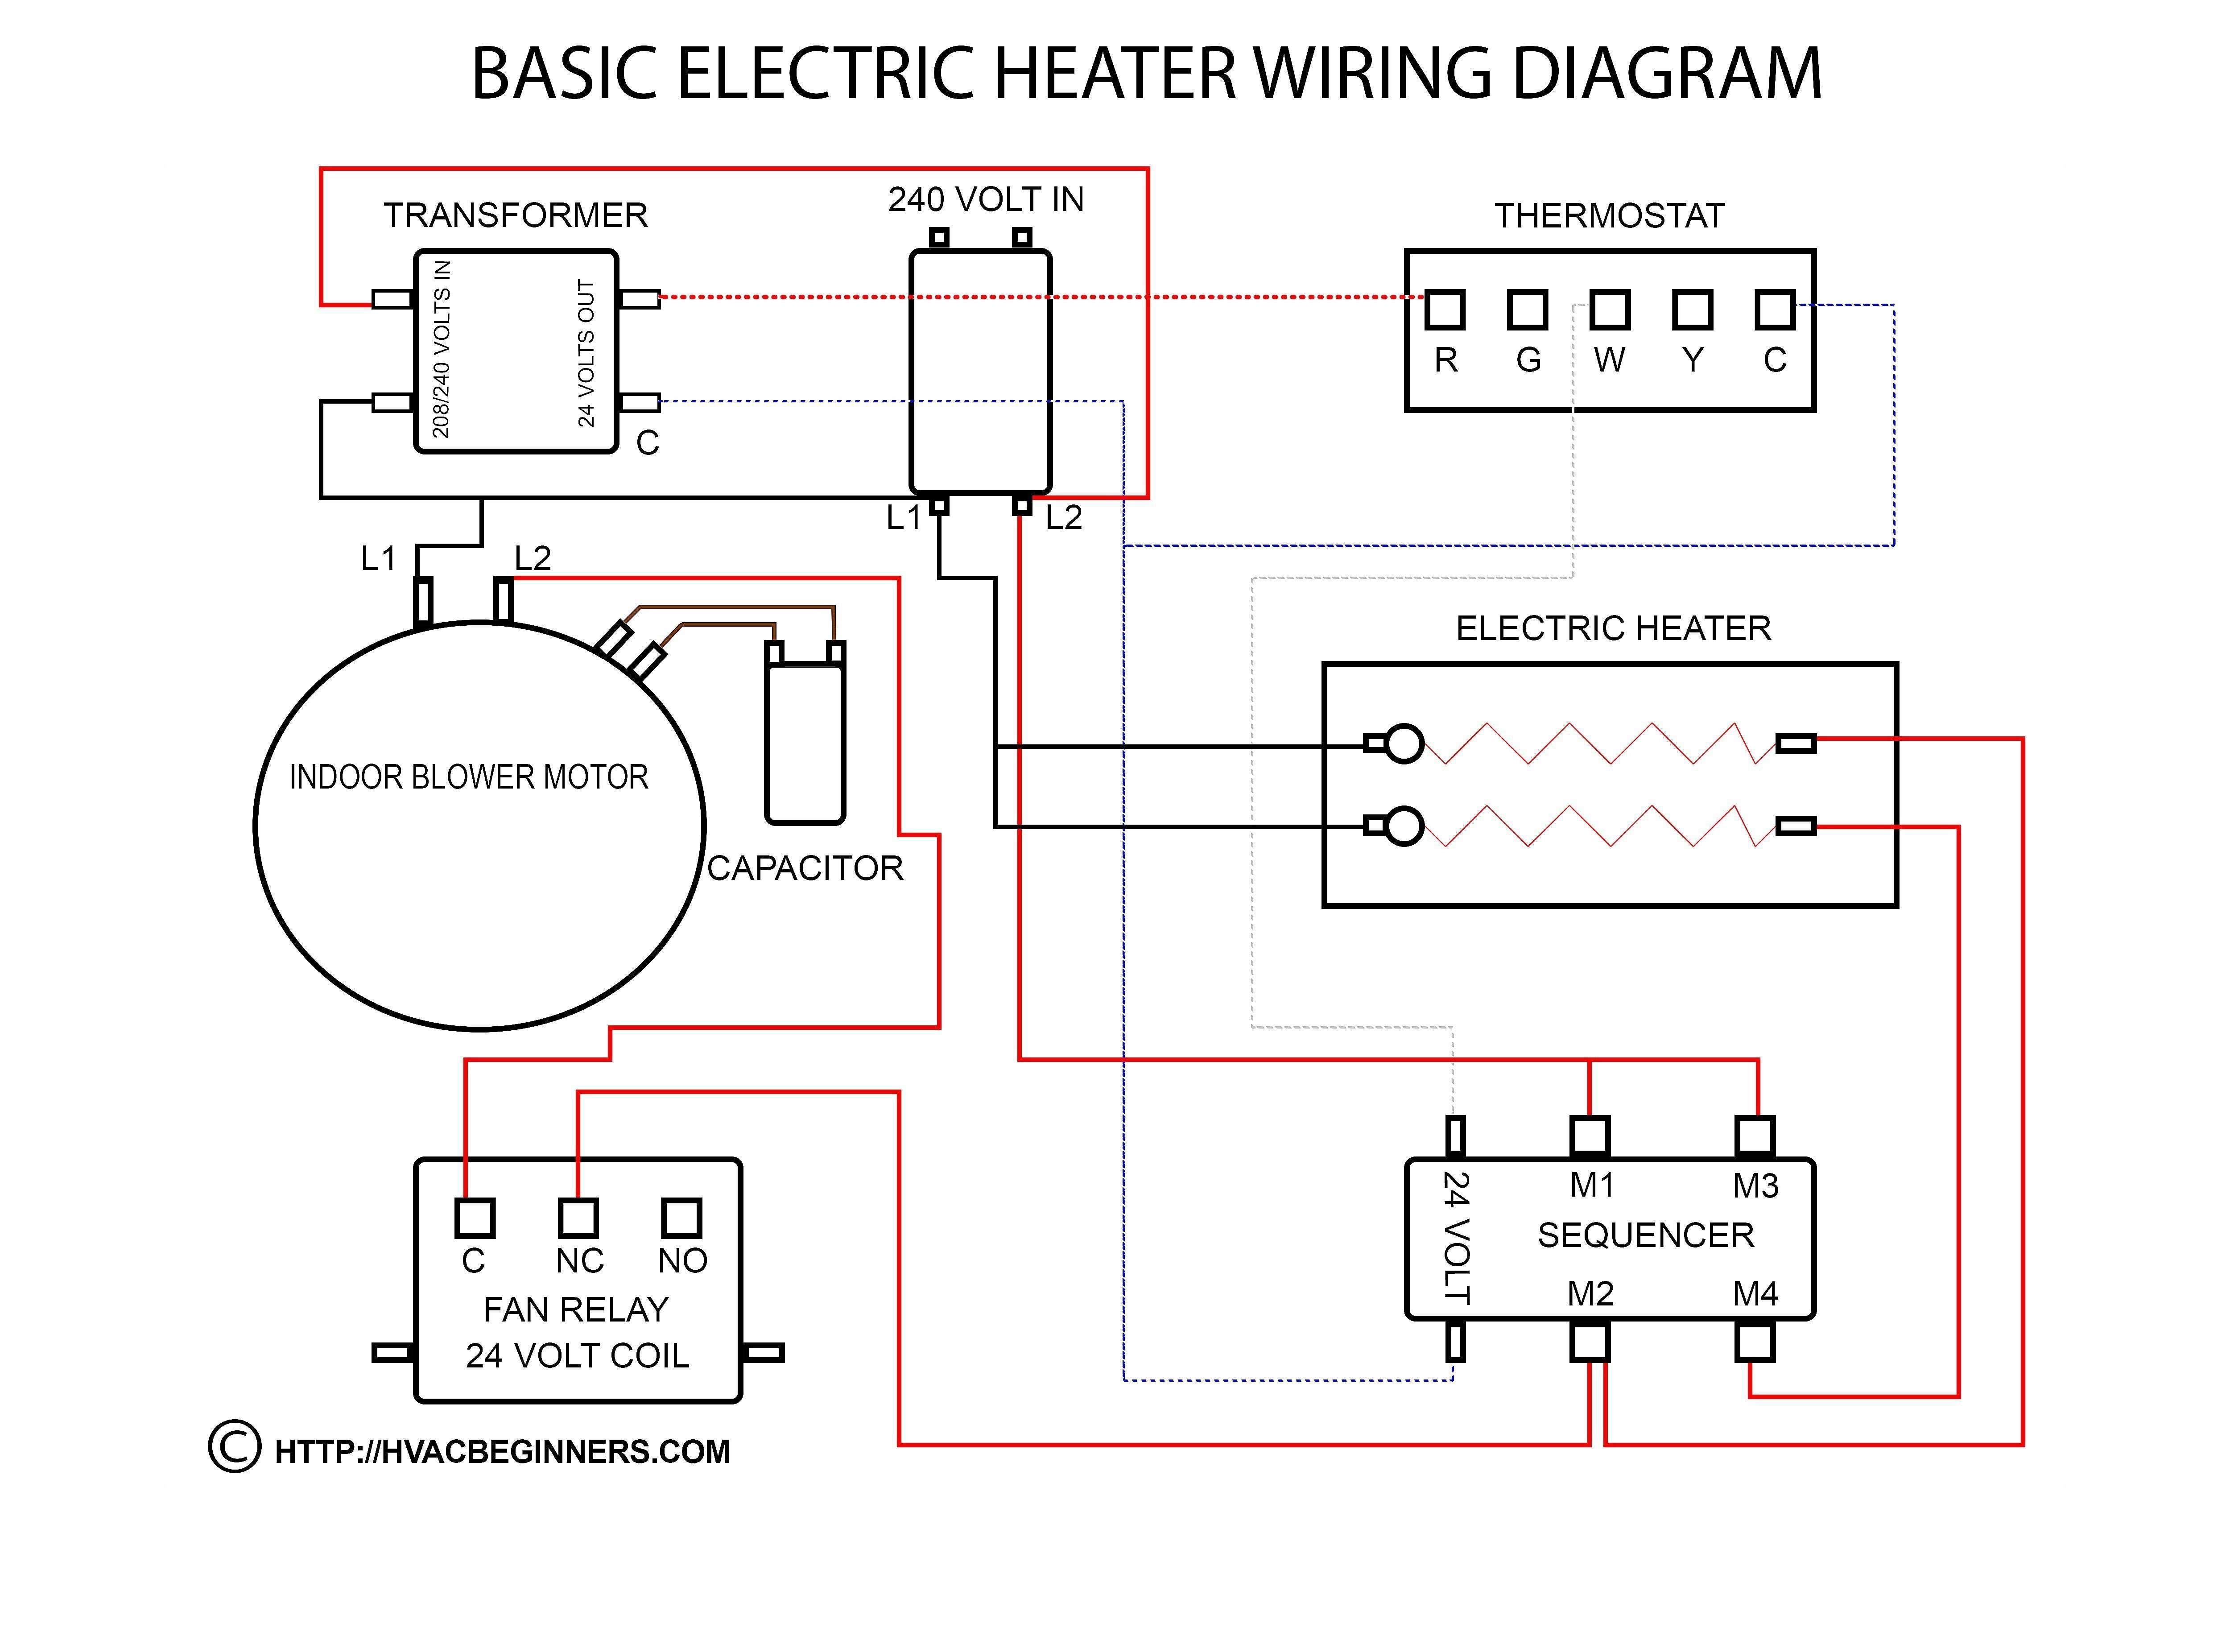 Wiring Diagram Electrical Wiring Diagram Electrical Electrical Circuit Diagram Electrical Wiring Diagram Diagram